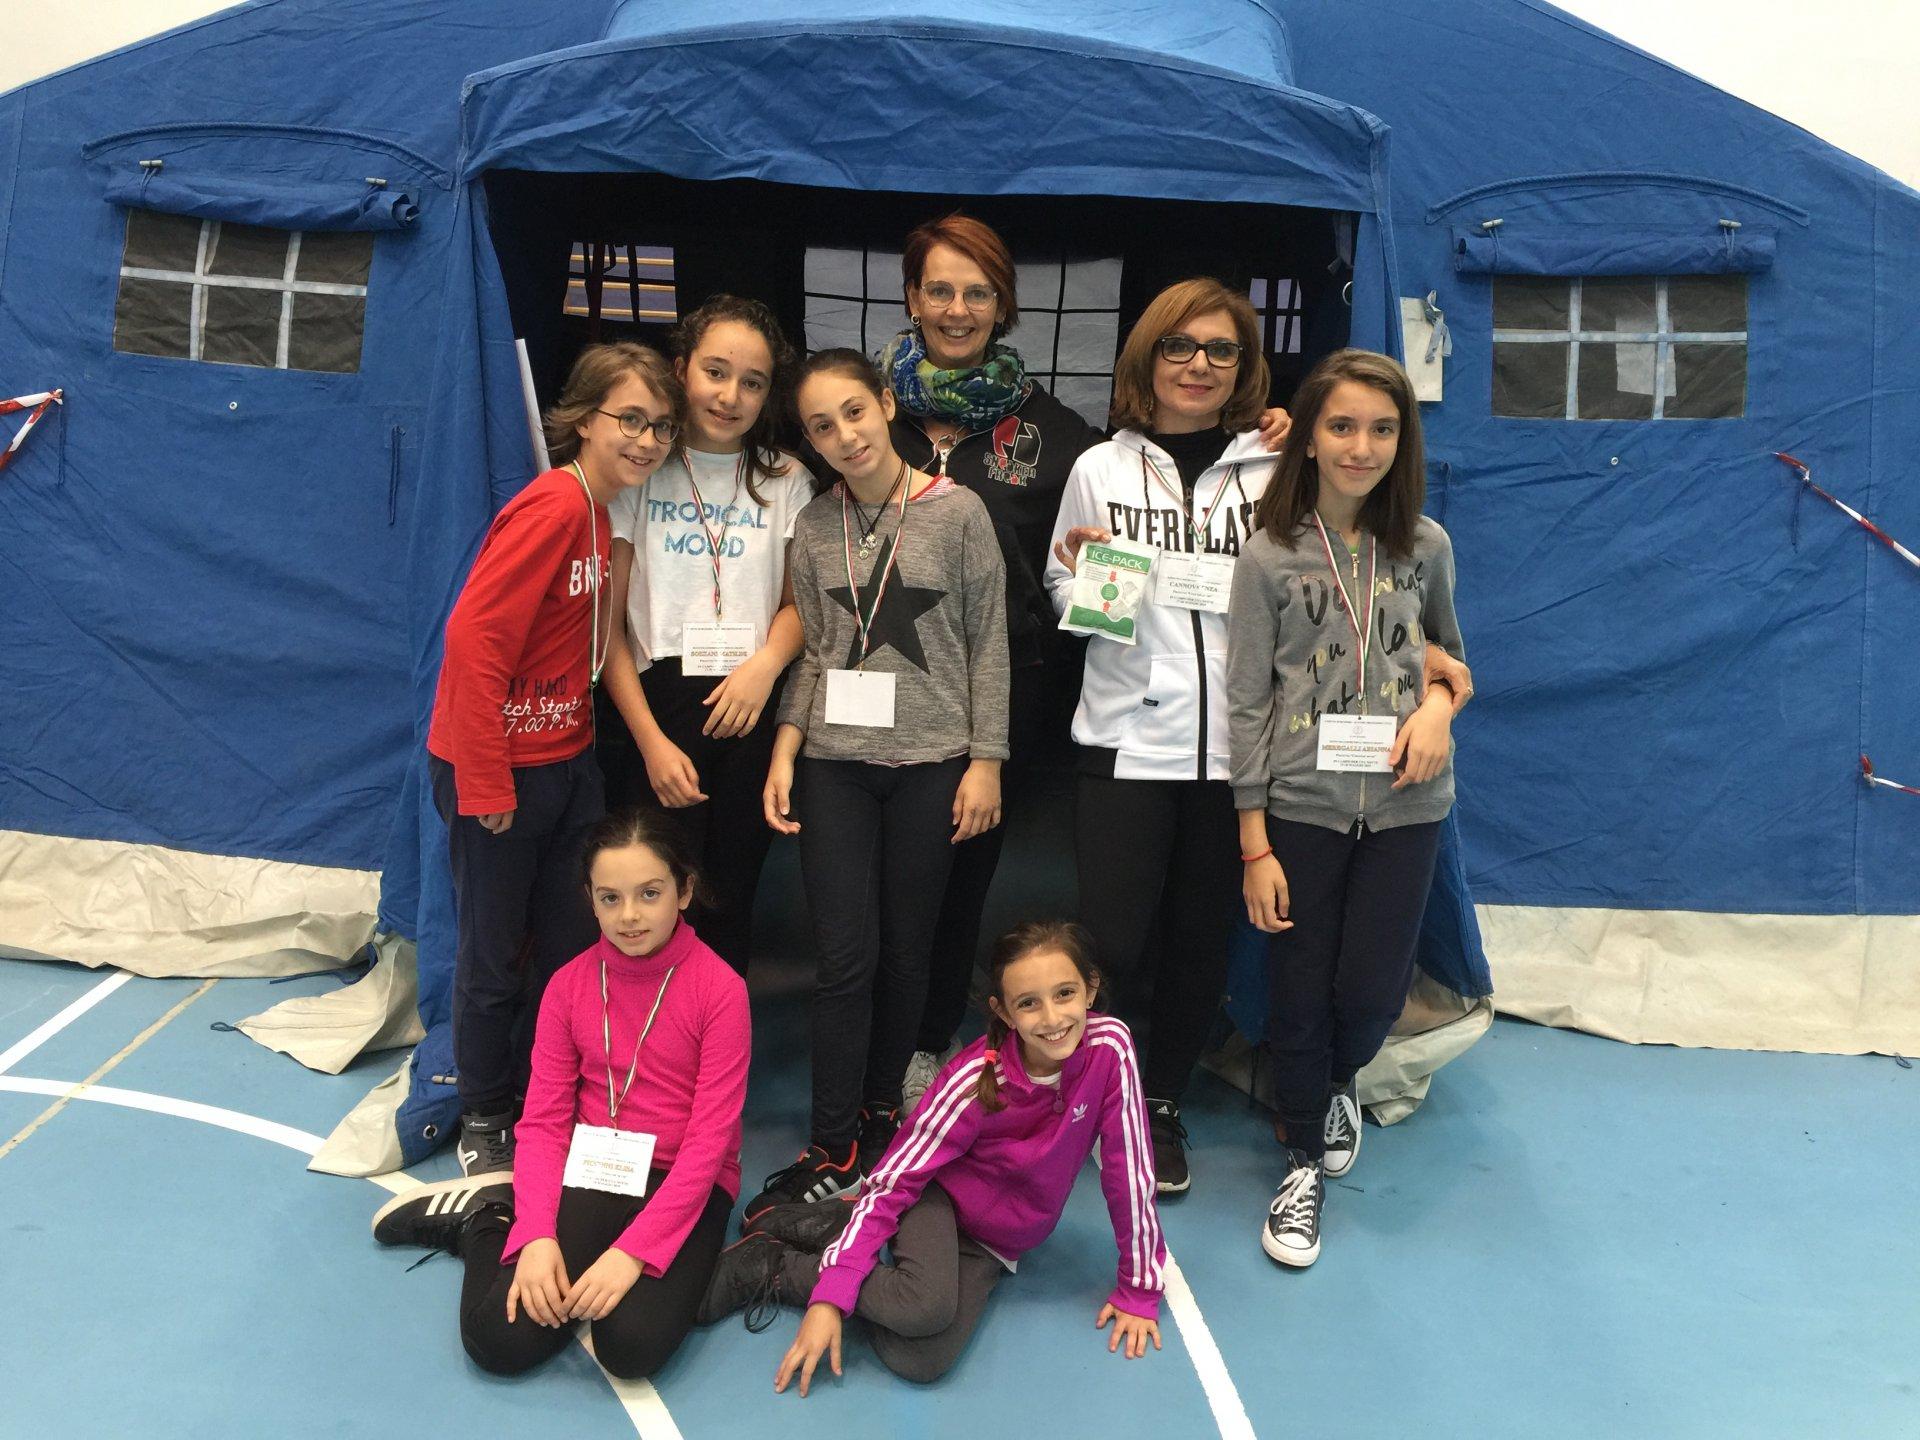 Bussero notte in tenda con la Protezione civile per i bambini della primaria Monte Grappa